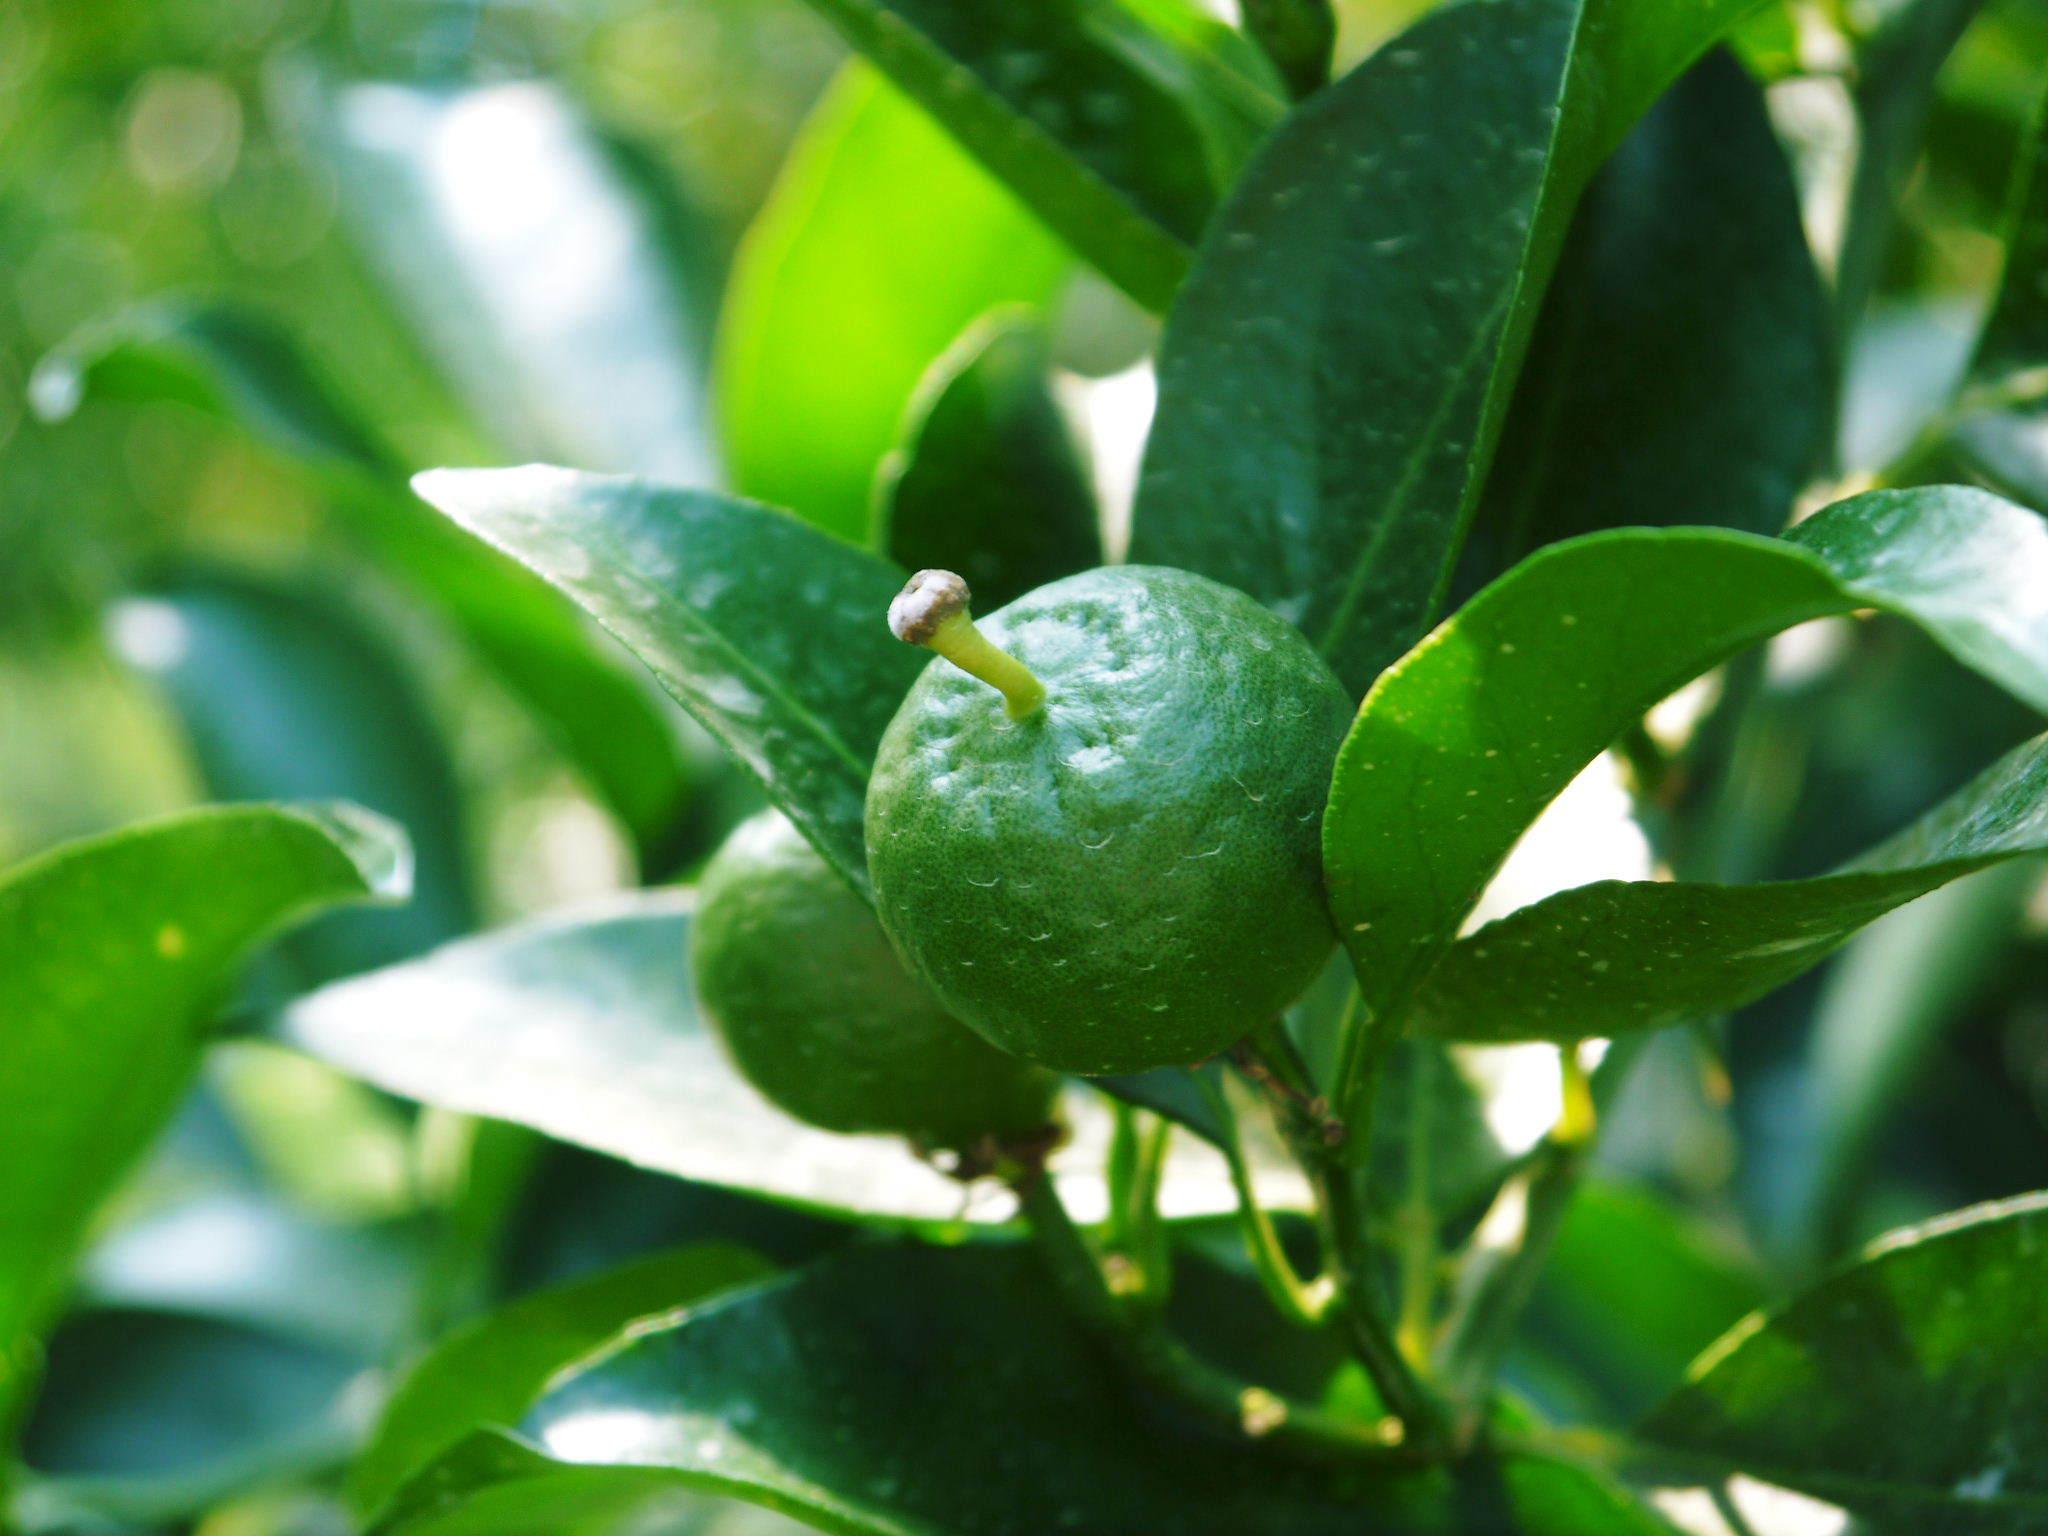 究極の柑橘「せとか」 摘果作業と玉吊り作業 樹勢も良く来年活躍する新芽も元気に芽吹いてます!_a0254656_18050848.jpg